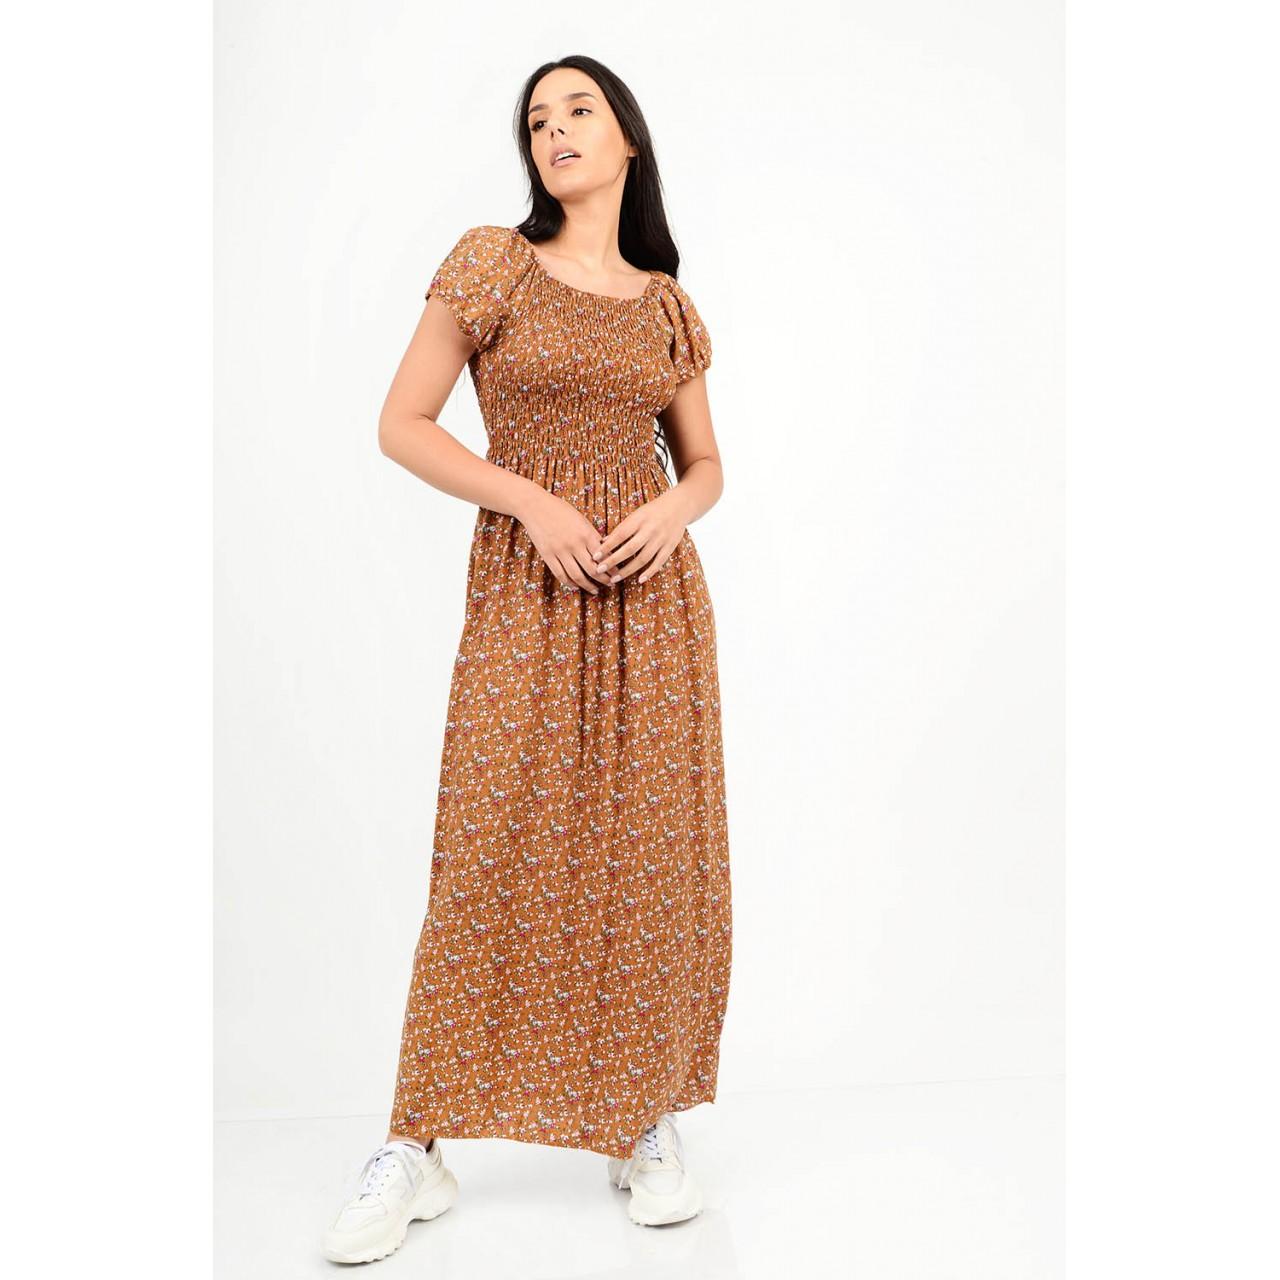 582.Φόρεμα μακρύ φλοράλ με λάστιχο